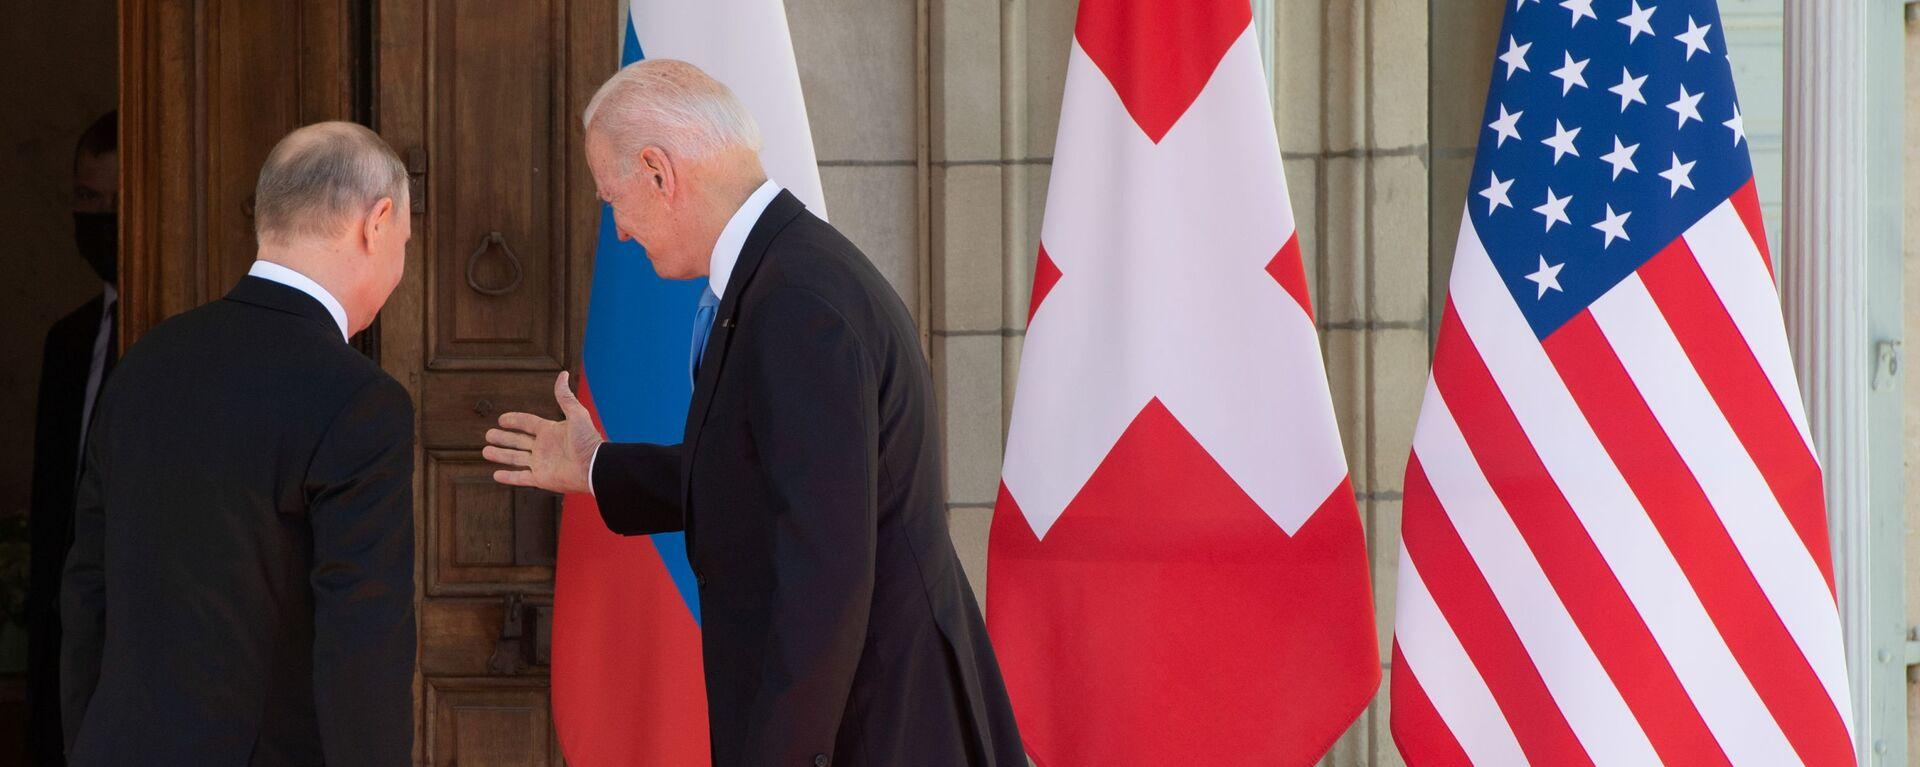 Prezydent Rosji Władimir Putin i prezydent USA Joe Biden podczas spotkania w Genewie - Sputnik Polska, 1920, 23.07.2021